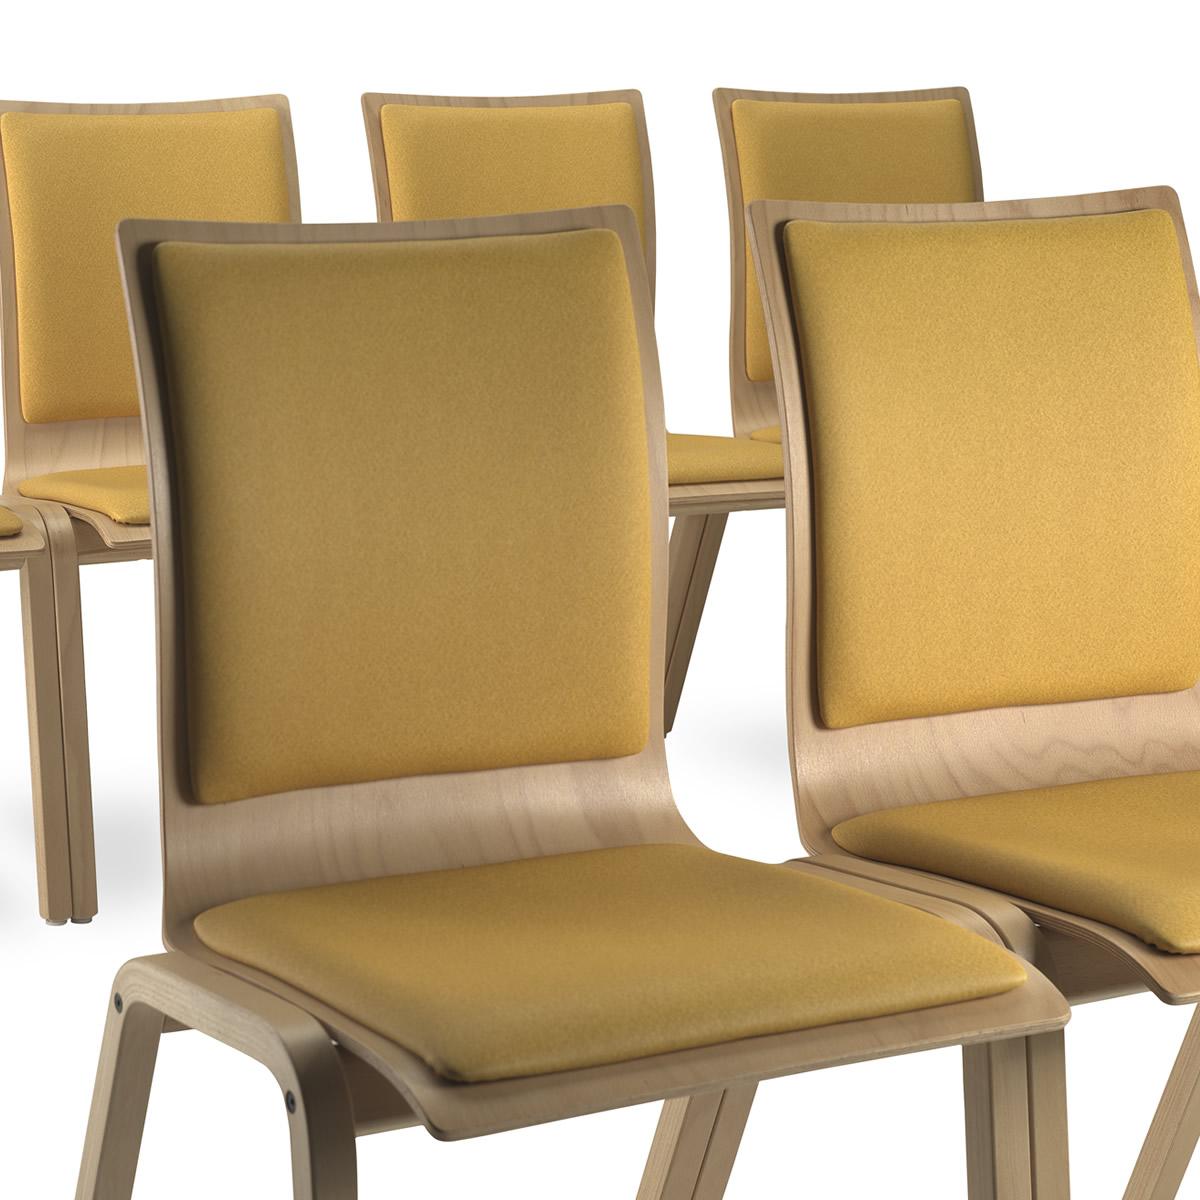 Braun st hle leo 6112 019 - Stuhlfabrik braun ...